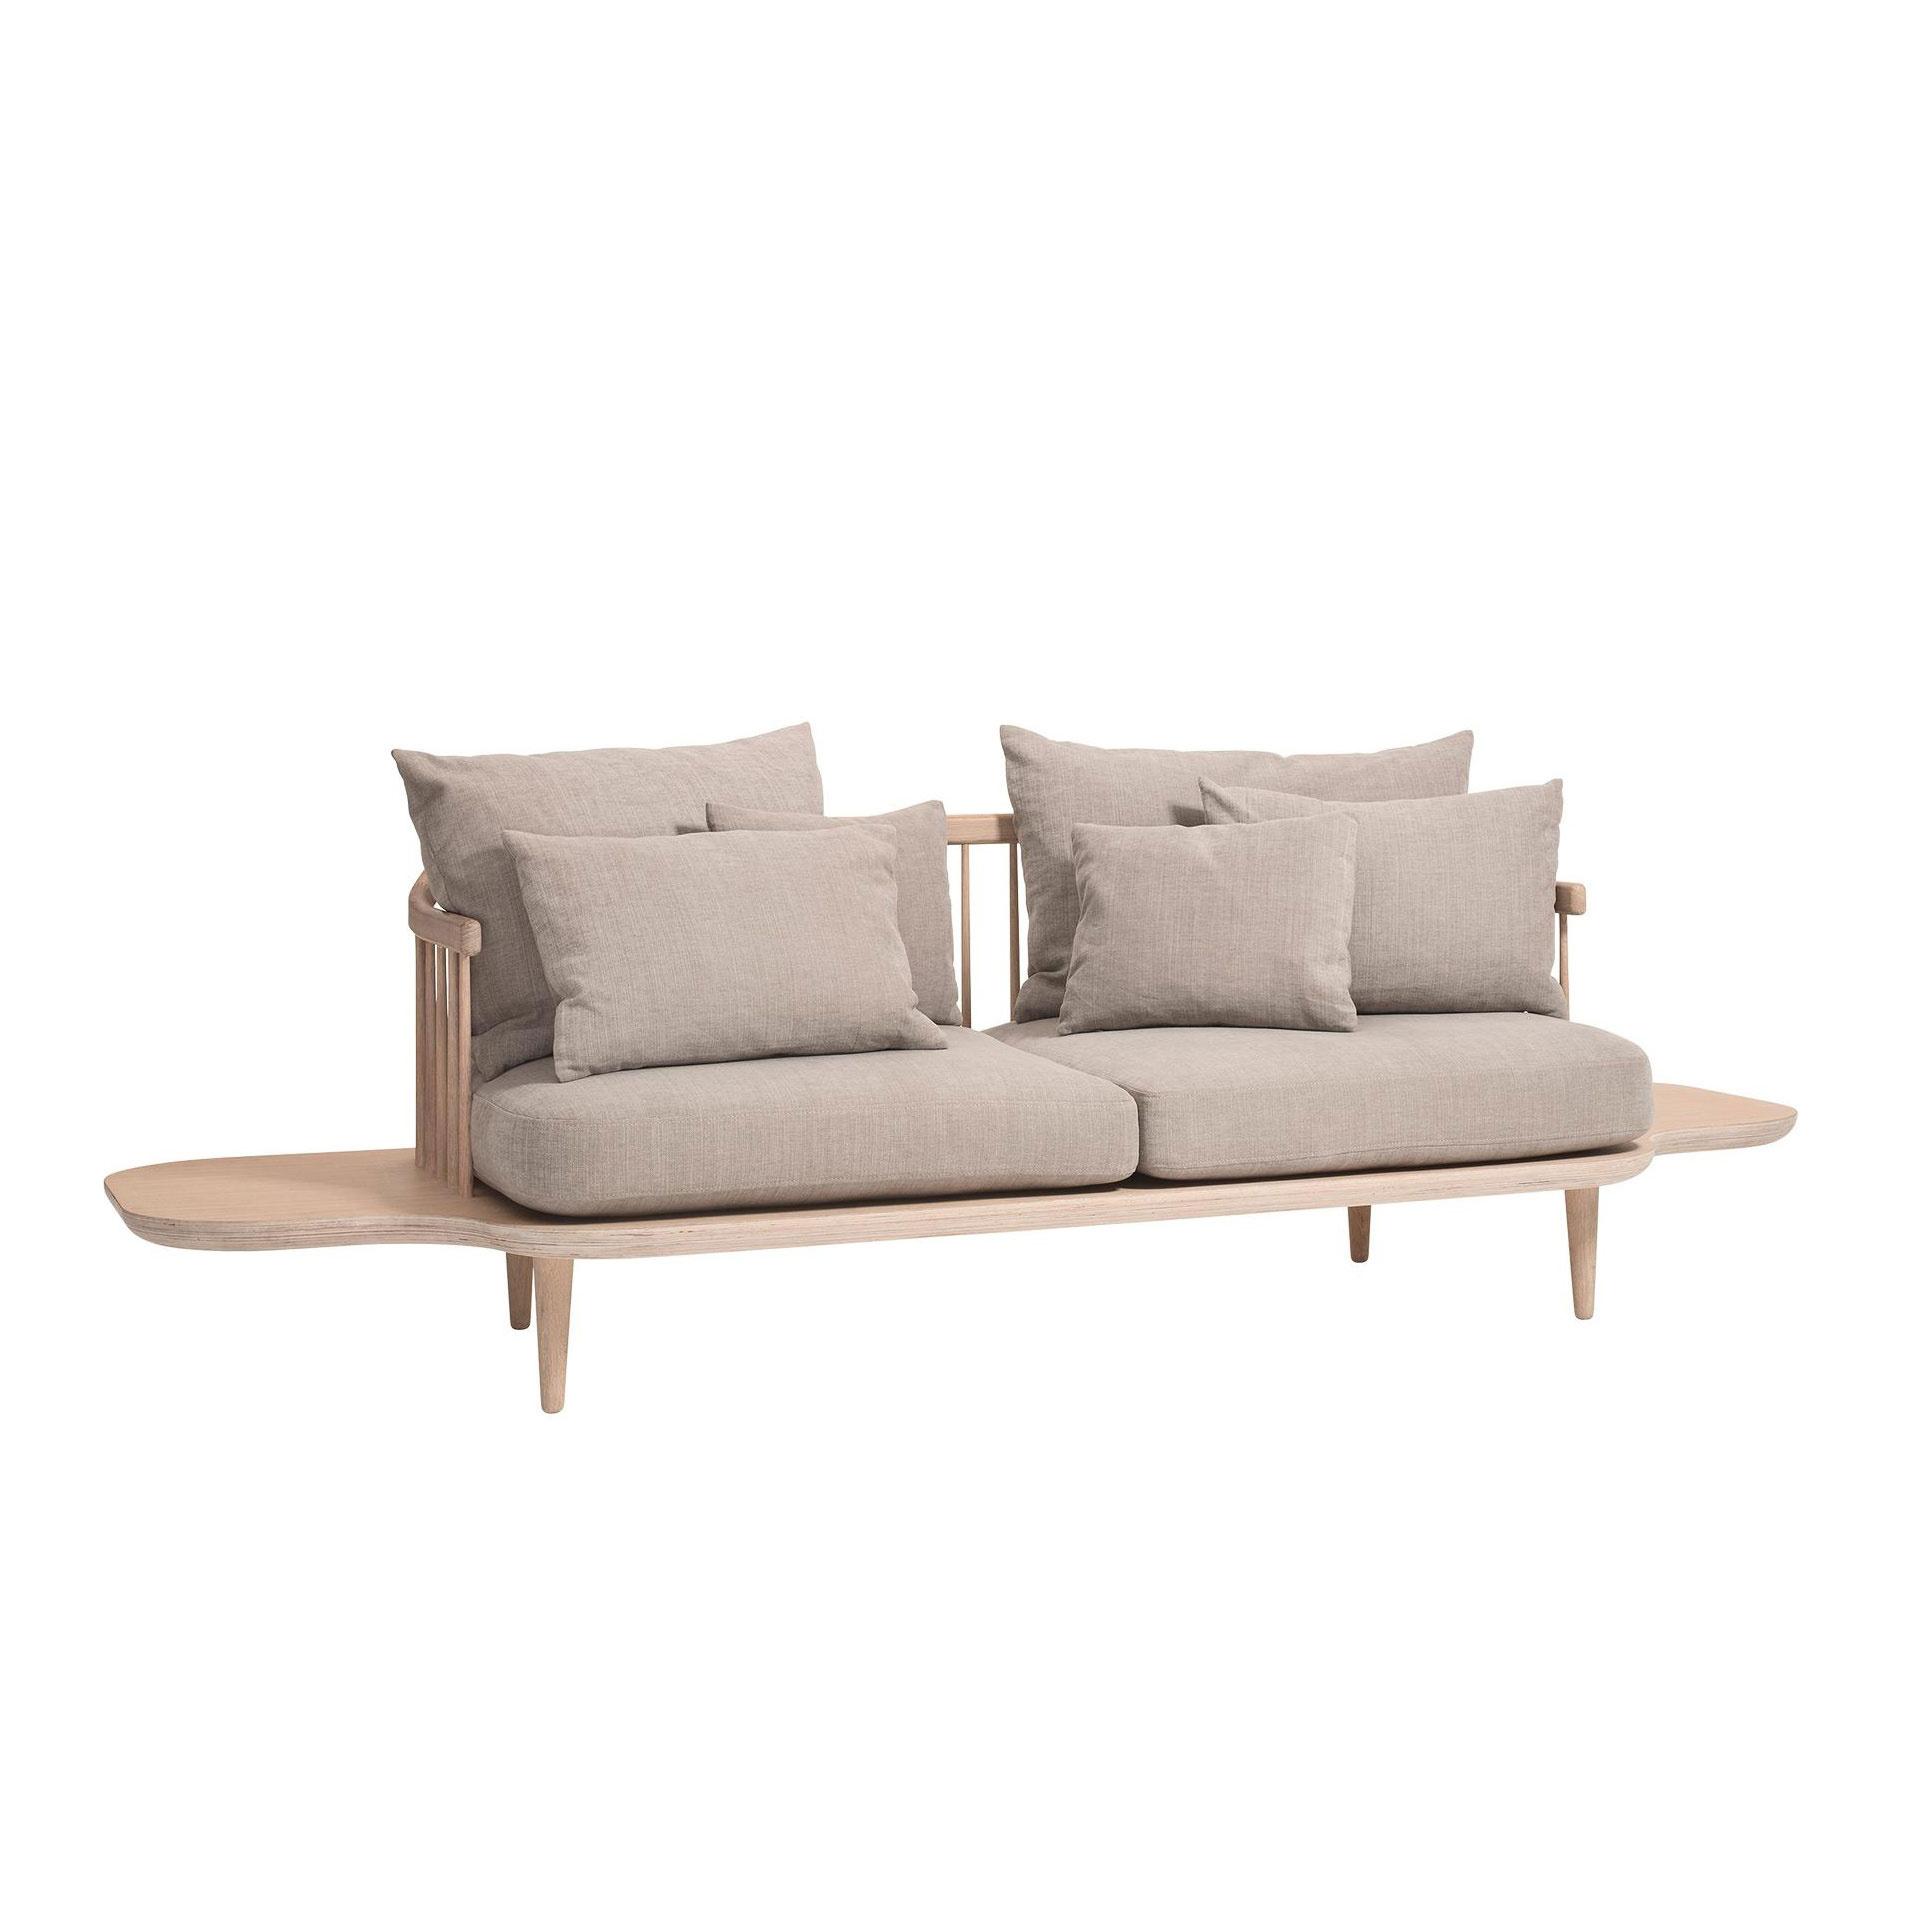 AndTradition - FLY SC3 - Canapé 2 places avec rangement - beige/étoffe Hot Madison 094/piètement en chêne huilé blanc/y compris coussins